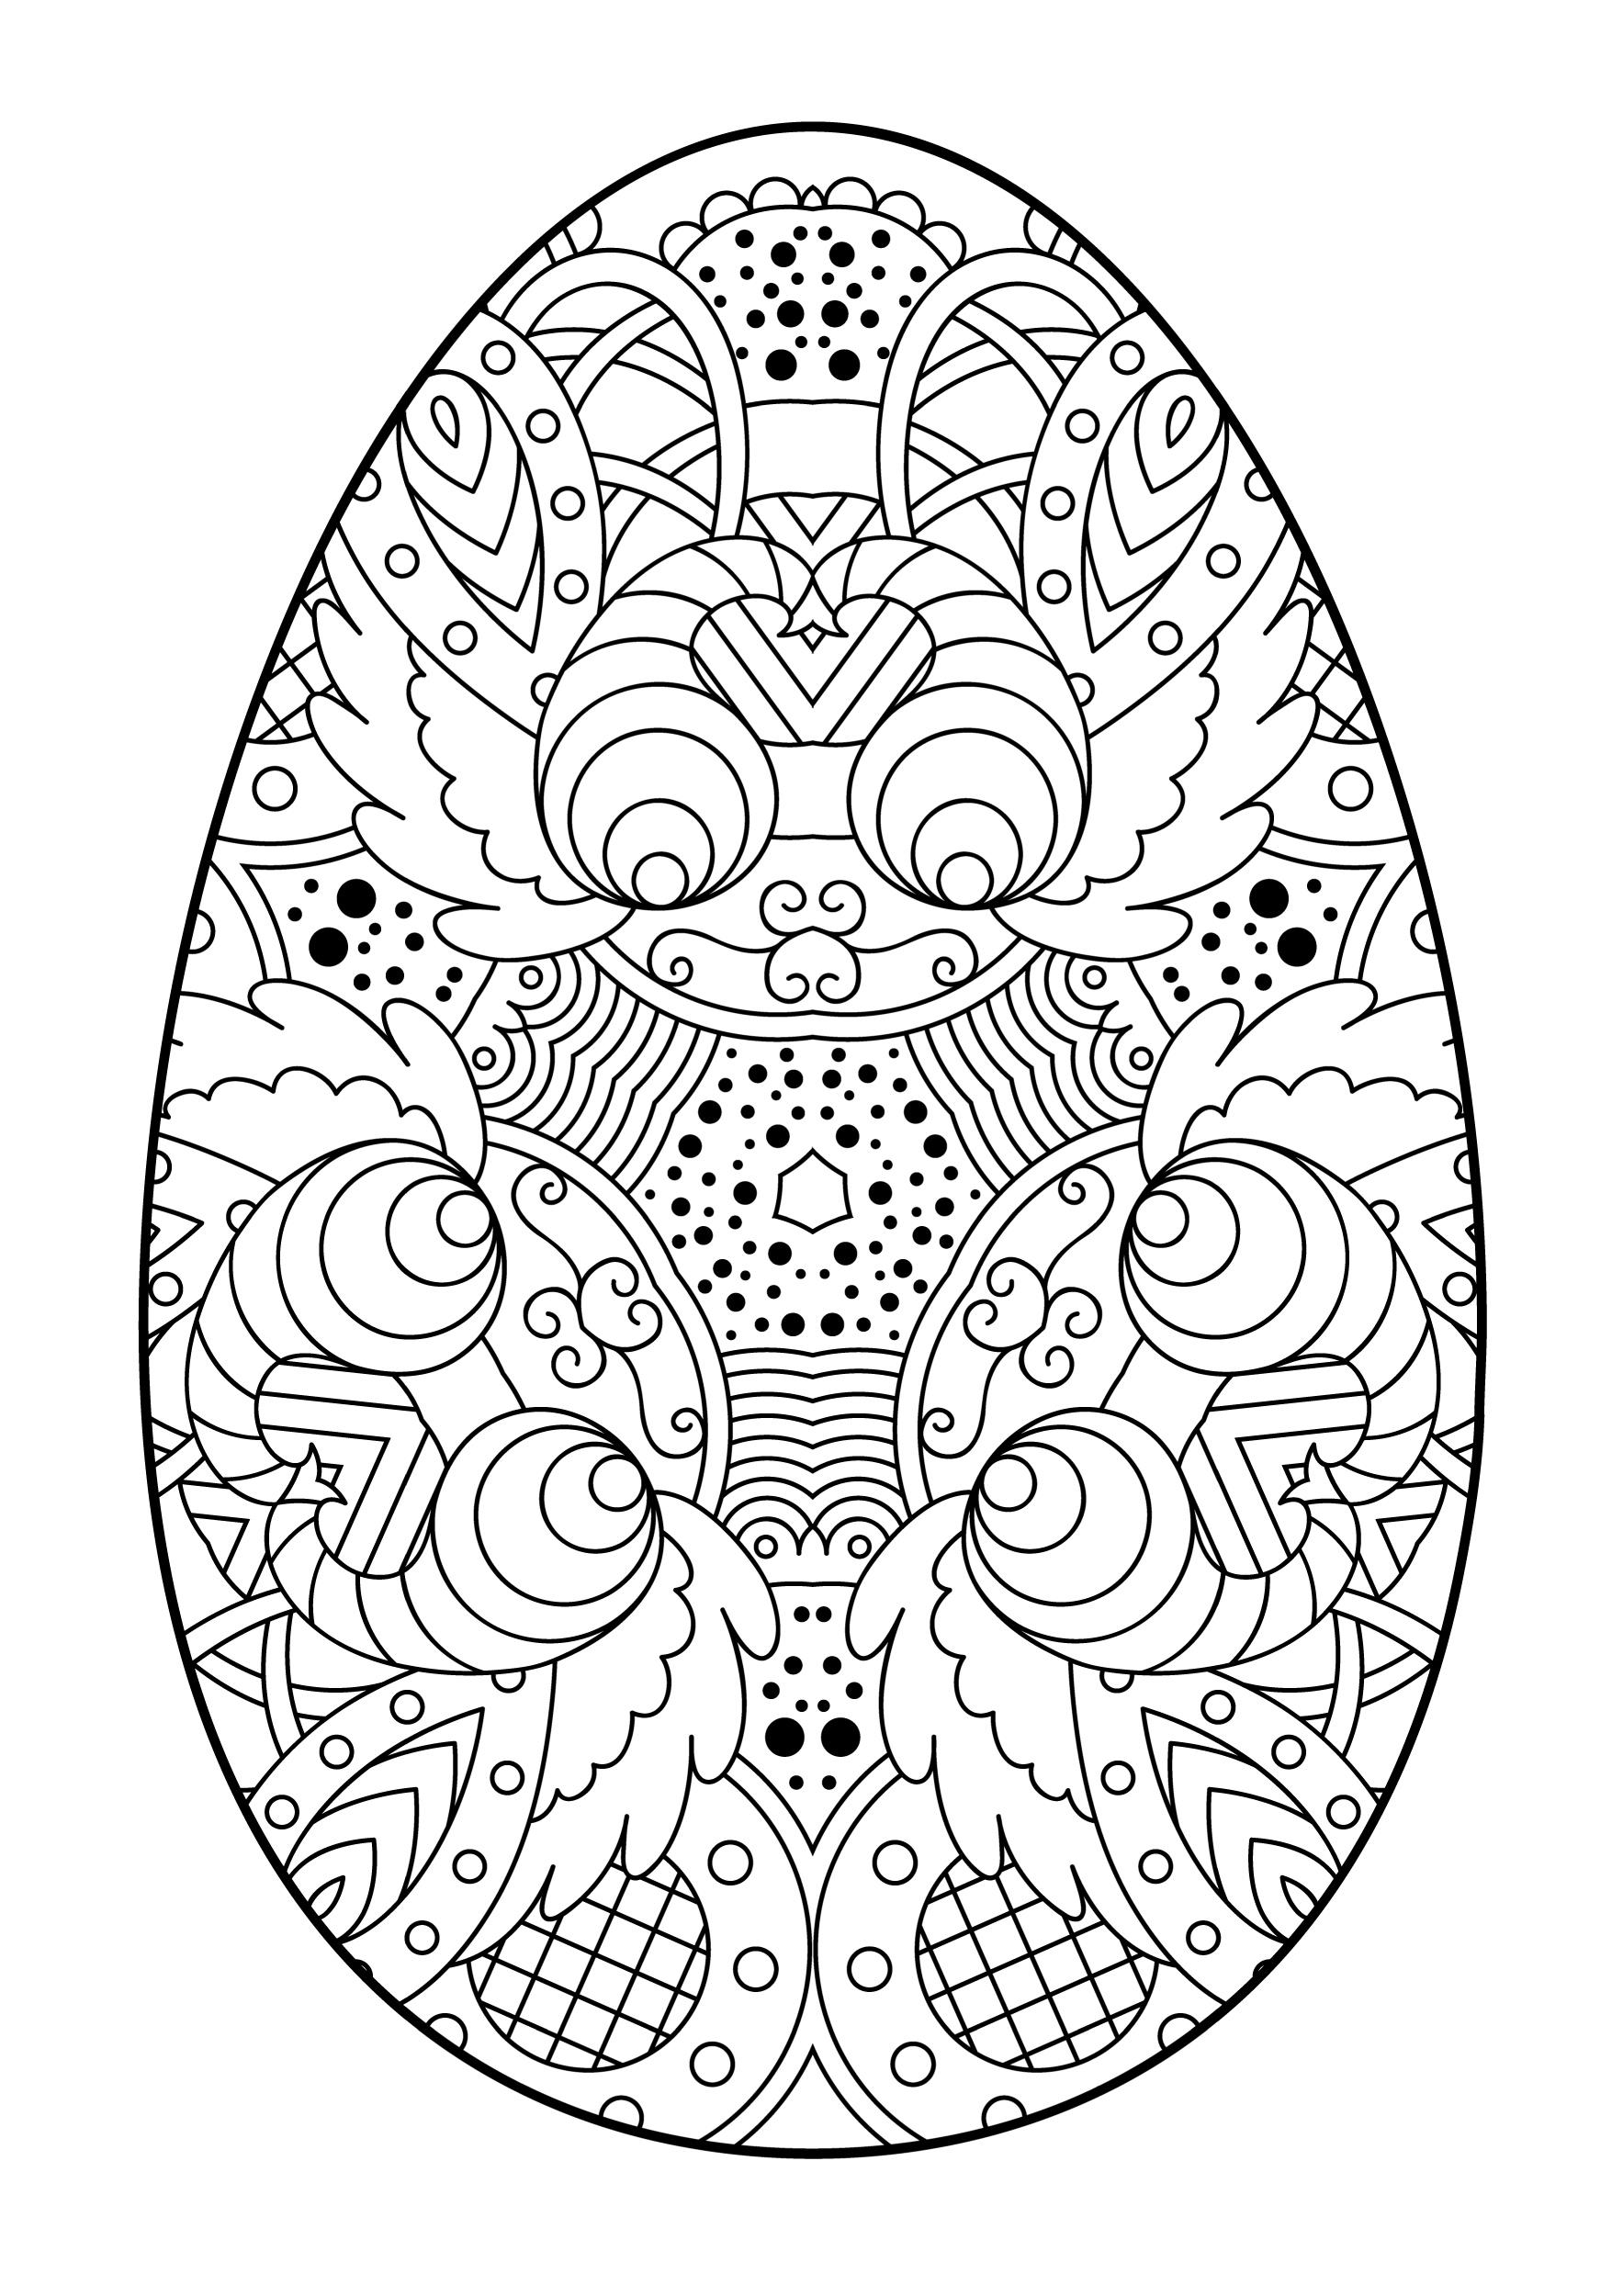 пасхальное яйцо со сложным рисунком праздники раскраски